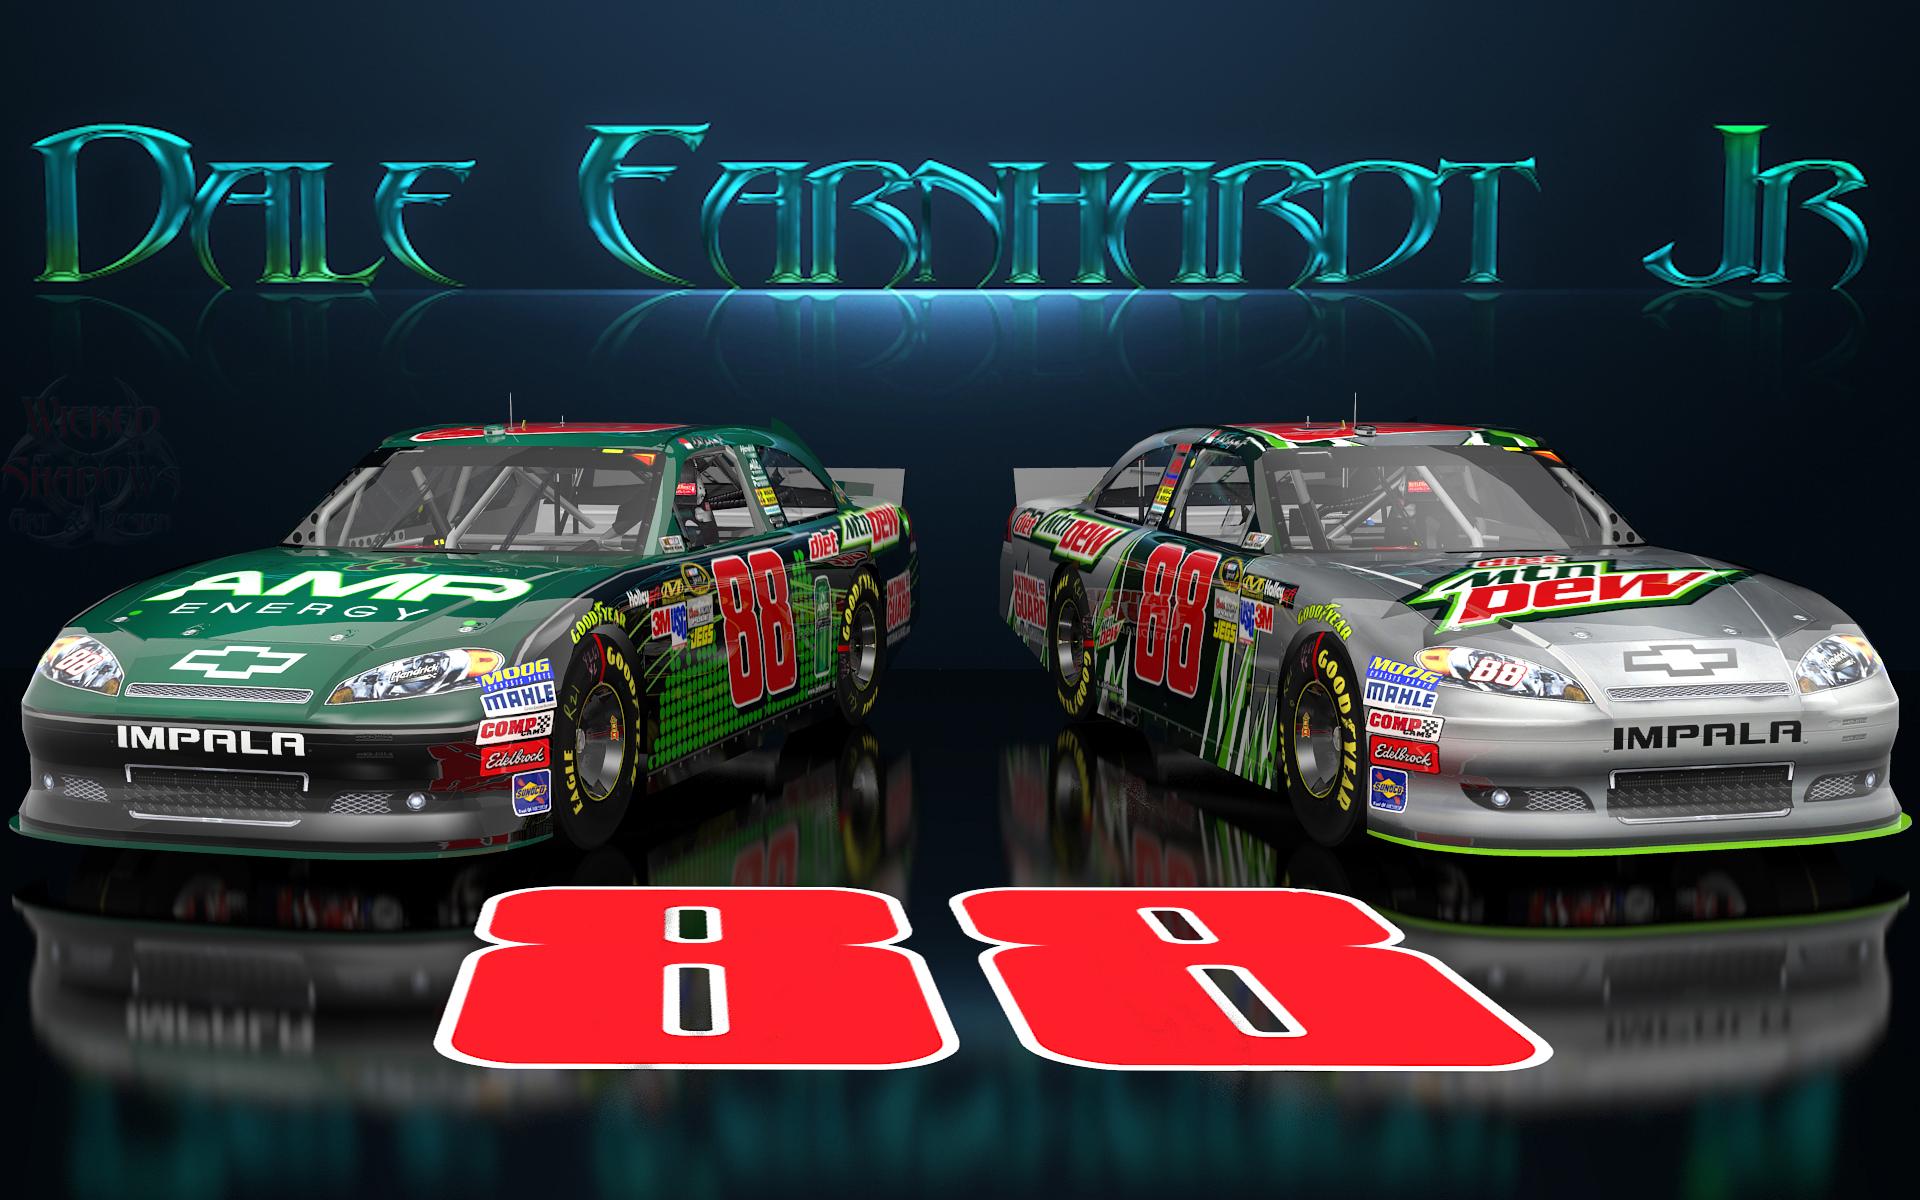 Free Dale Earnhardt Sr Wallpaper